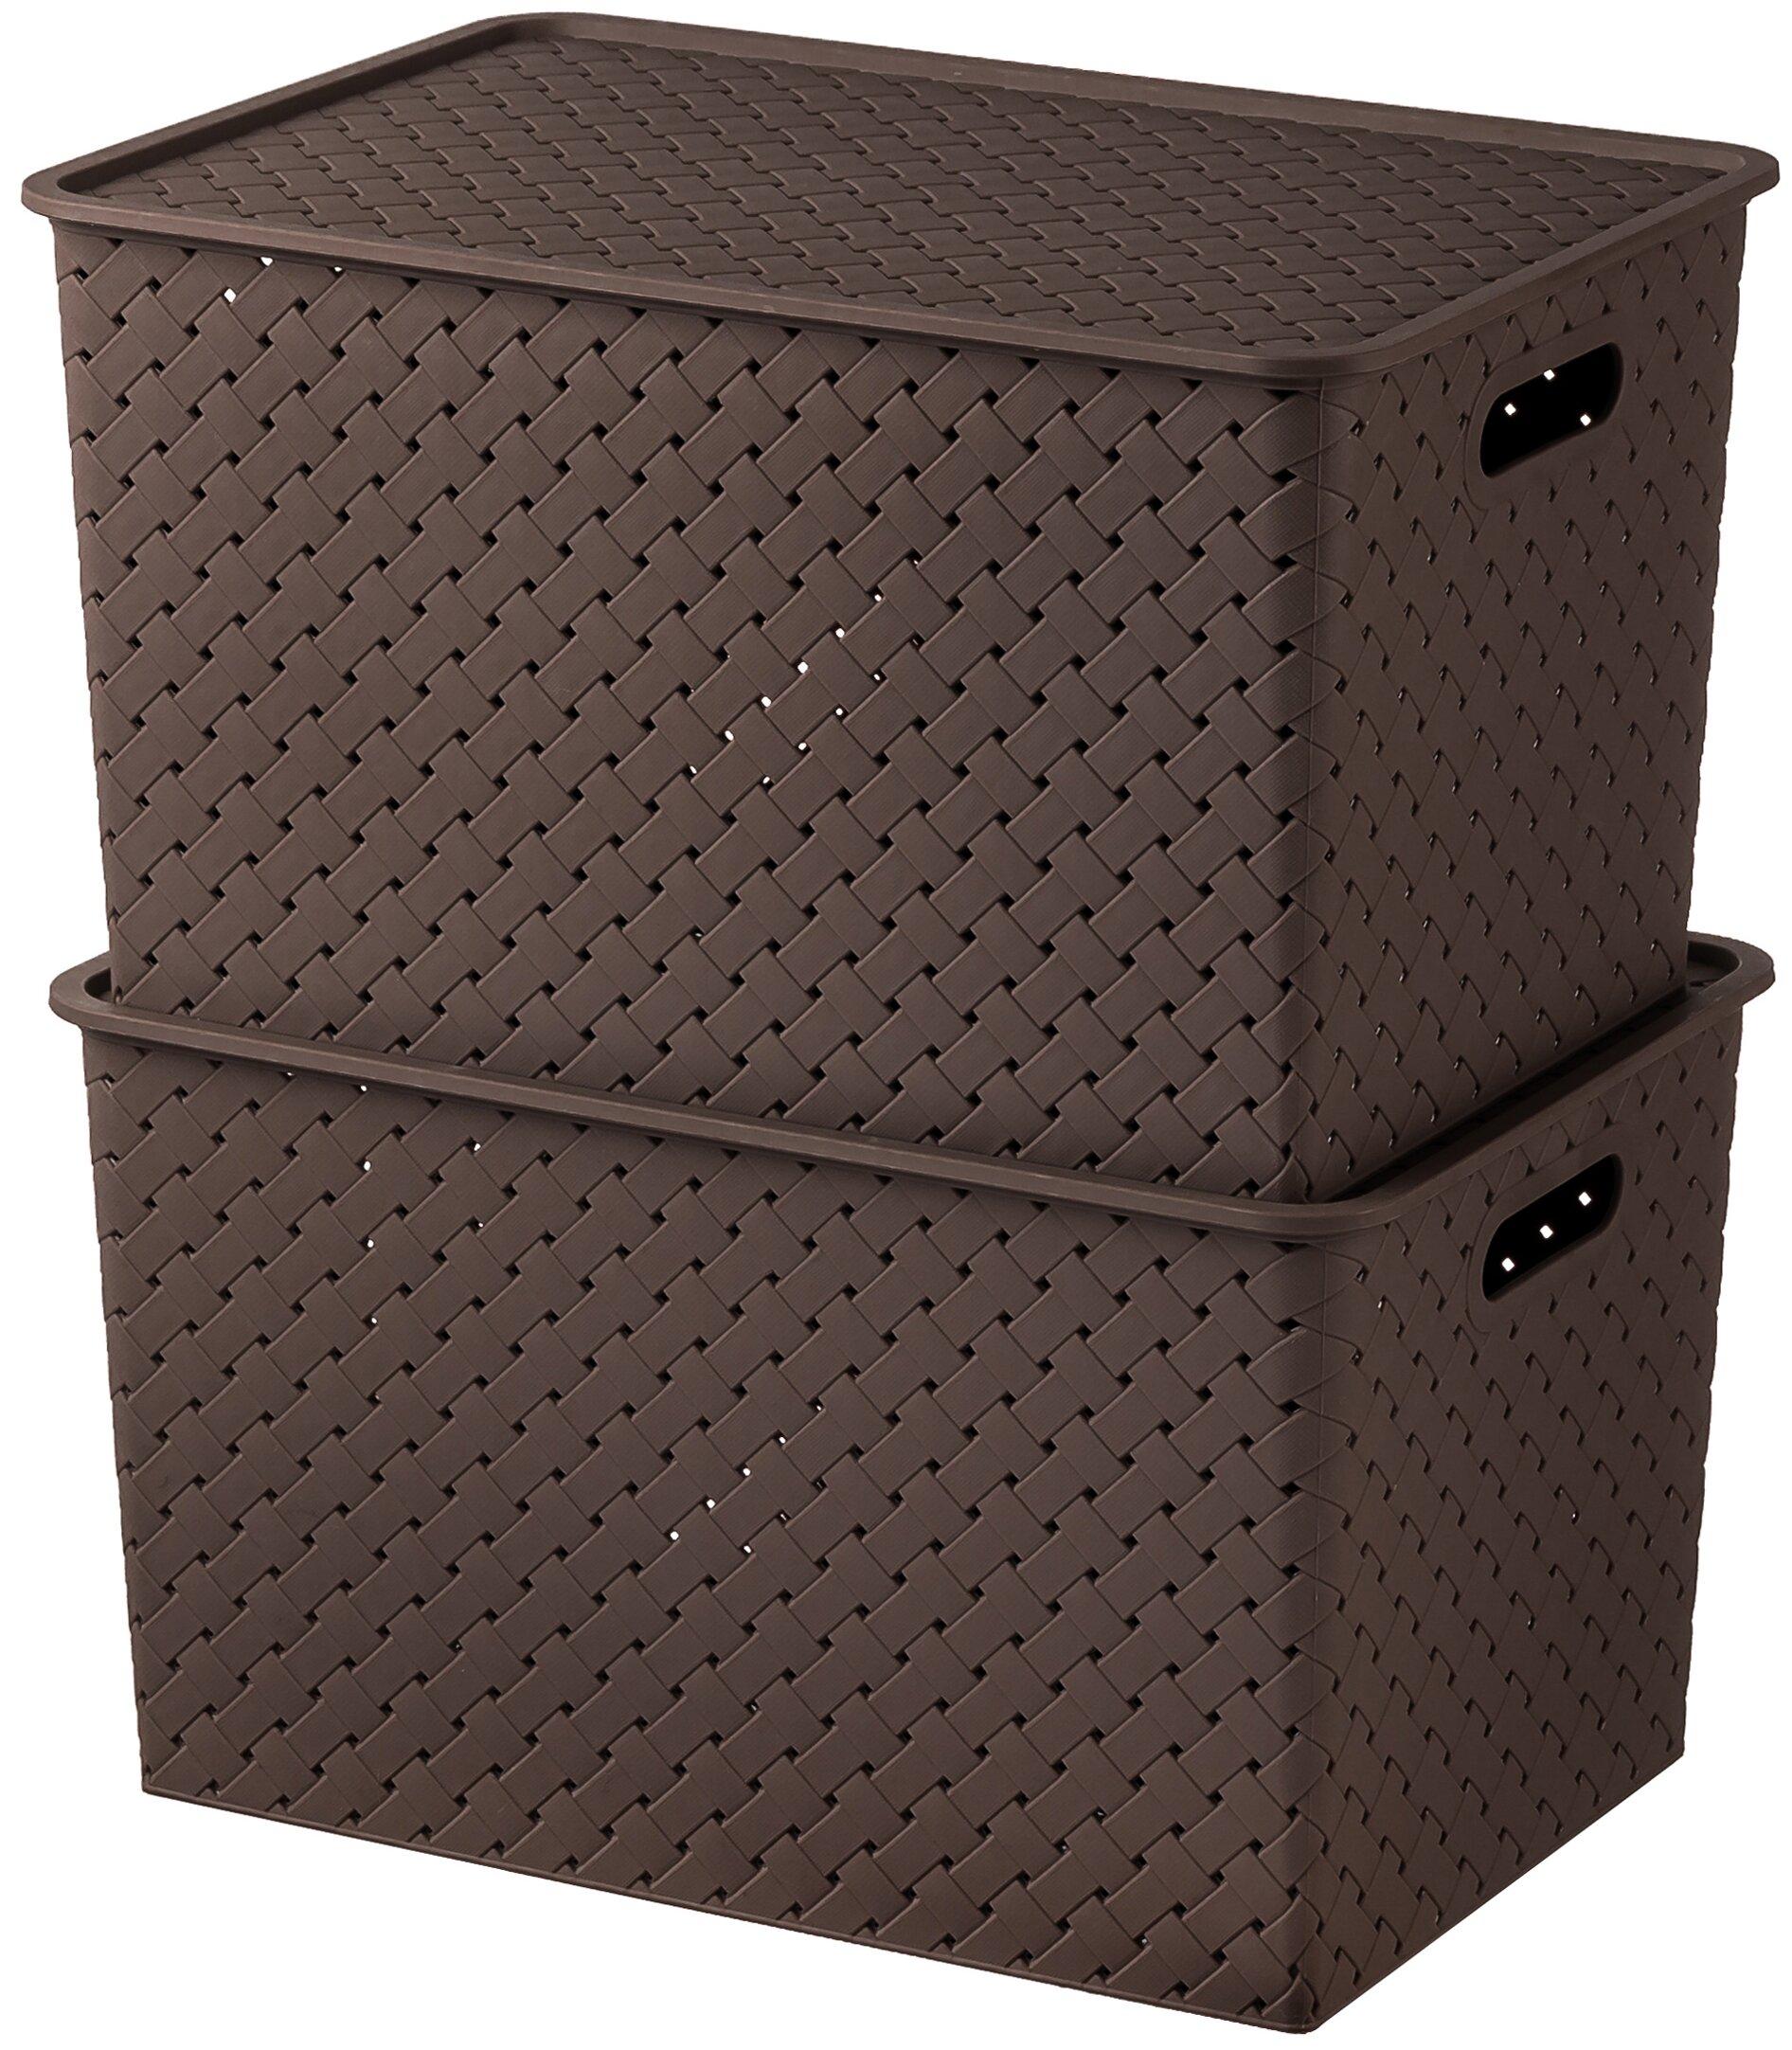 """Купить Набор из 2-х корзинок с крышками """"Береста"""" темно-коричневый, 14 л 35х24,5х20,5 см по низкой цене с доставкой из Яндекс.Маркета"""